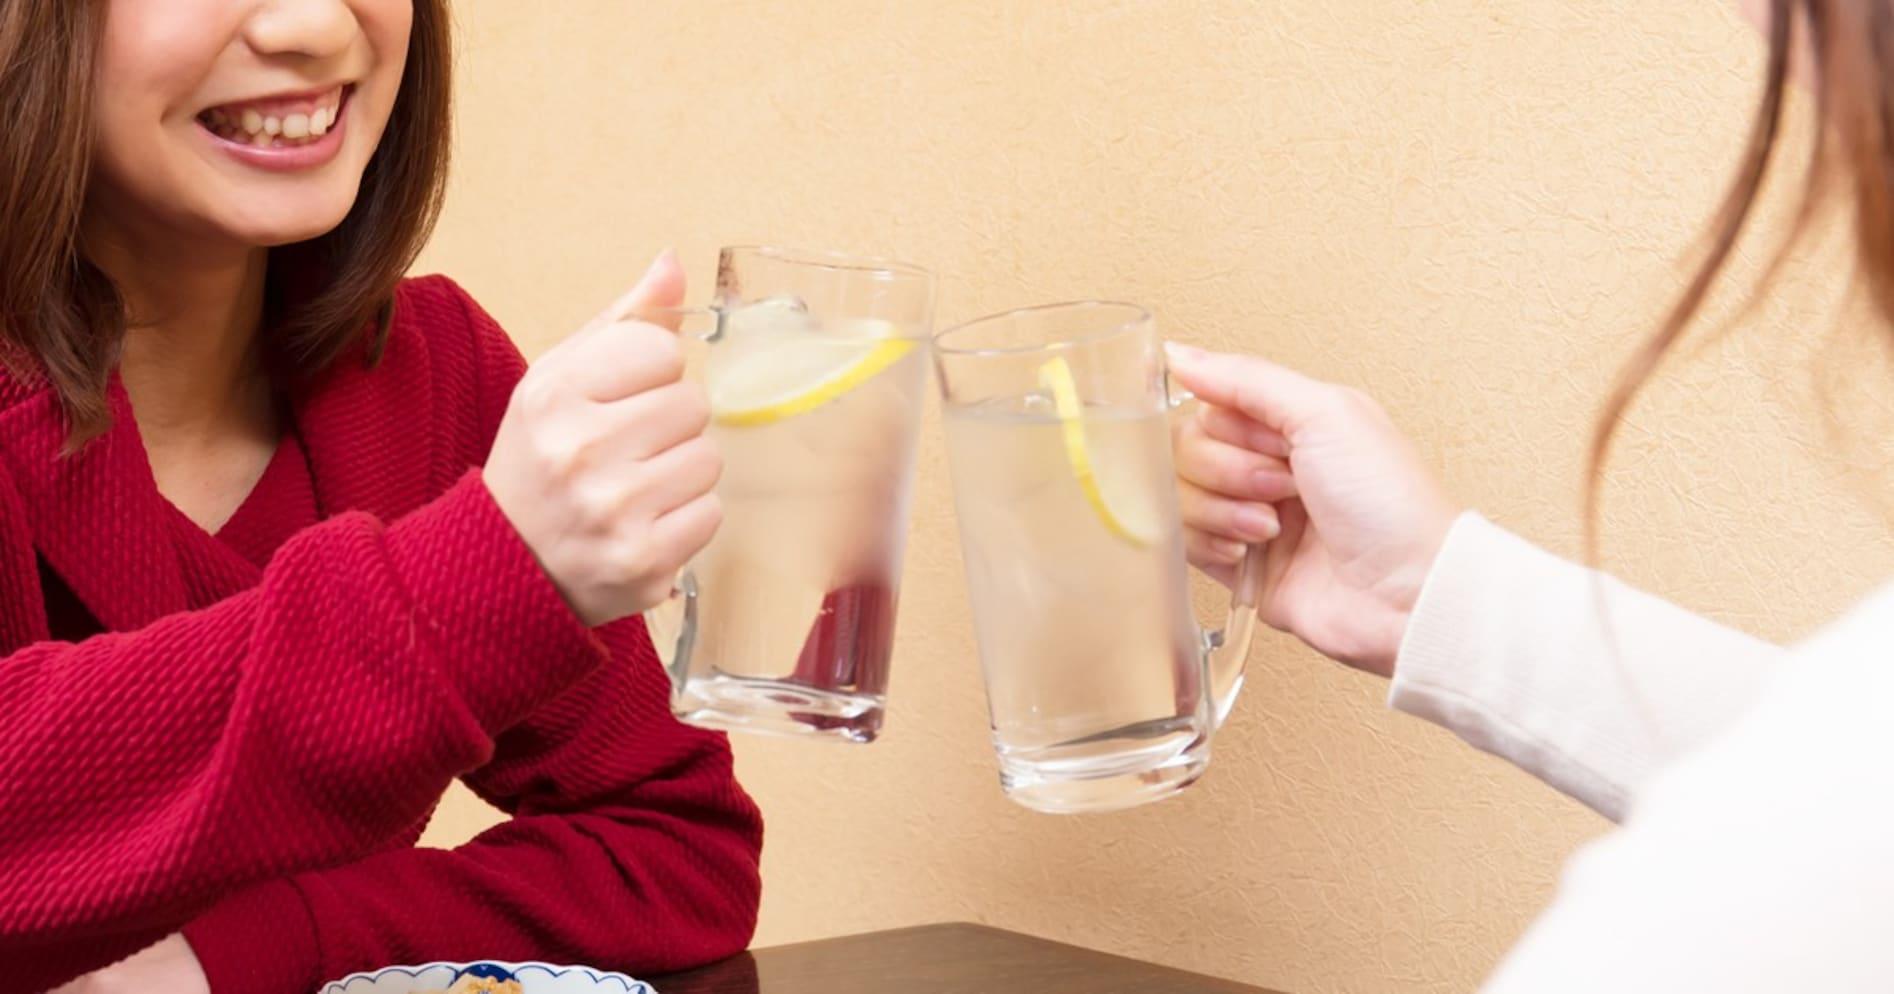 【今週のTOKYO FOOD SHOCK】今レモンサワーがアツい! 進化を続けるその魅力とは?